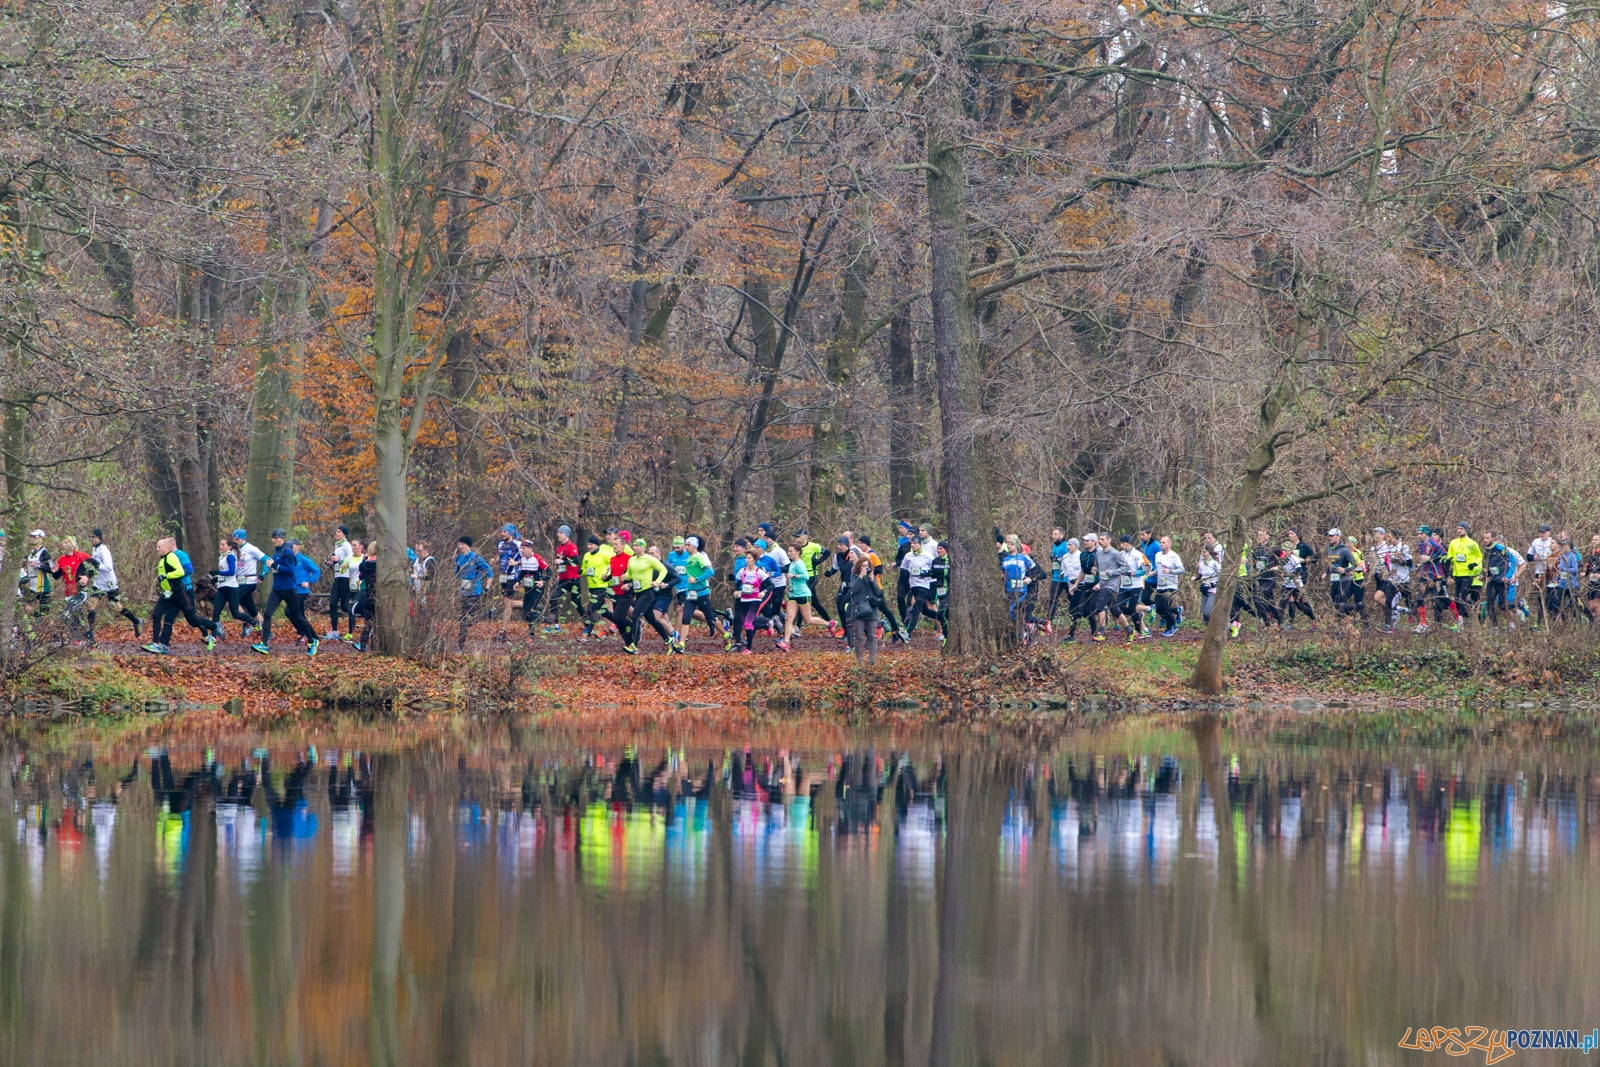 City Trail - 2. bieg wokół jeziora Rusałka  Foto: lepszyPOZNAN.pl / Piotr Rychter